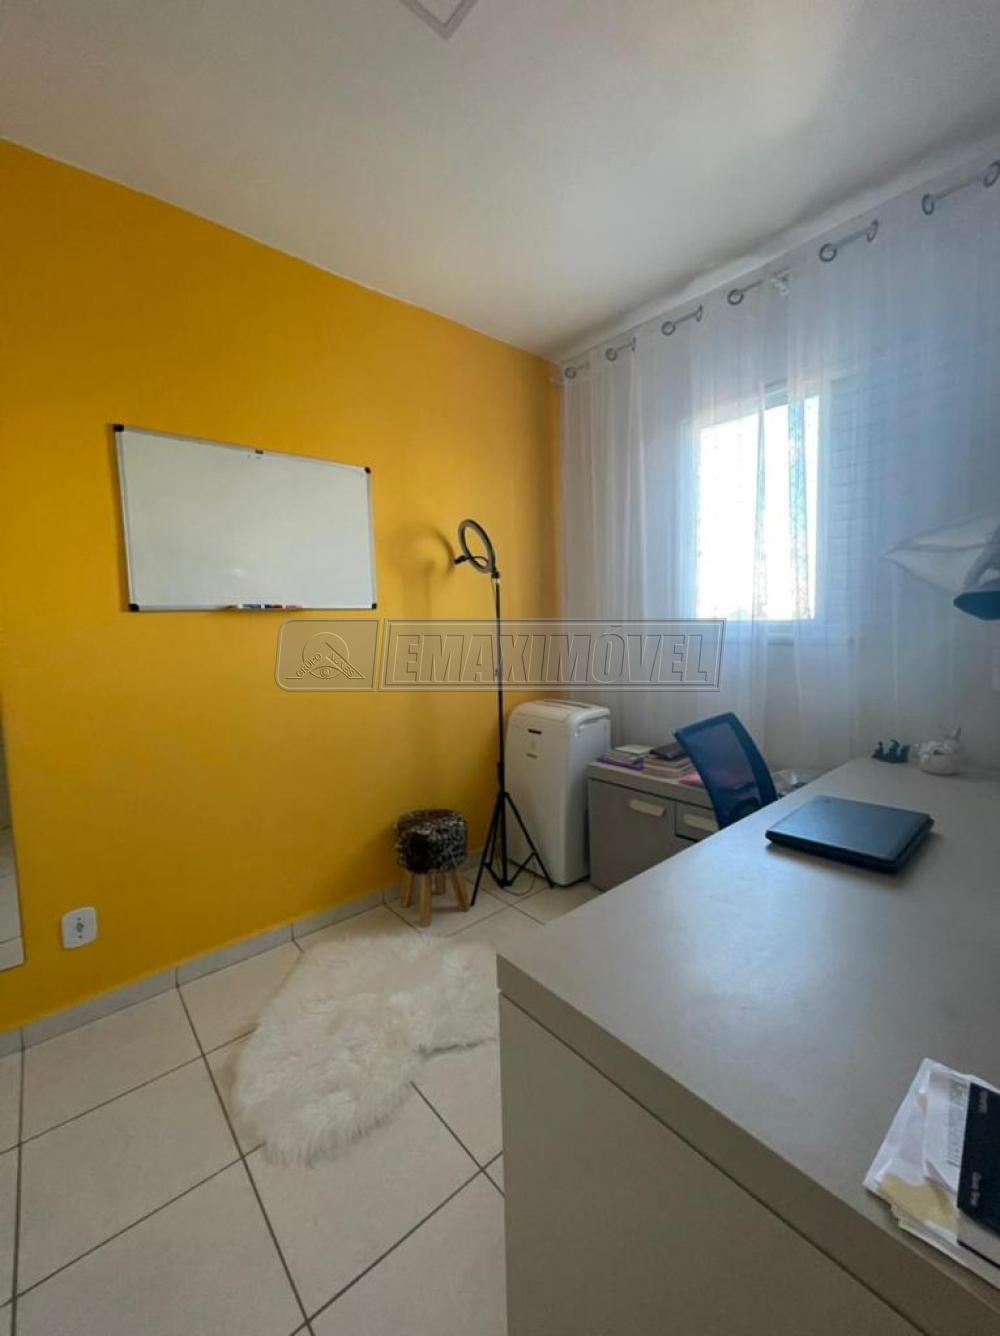 Comprar Apartamento / Padrão em Sorocaba R$ 240.000,00 - Foto 7